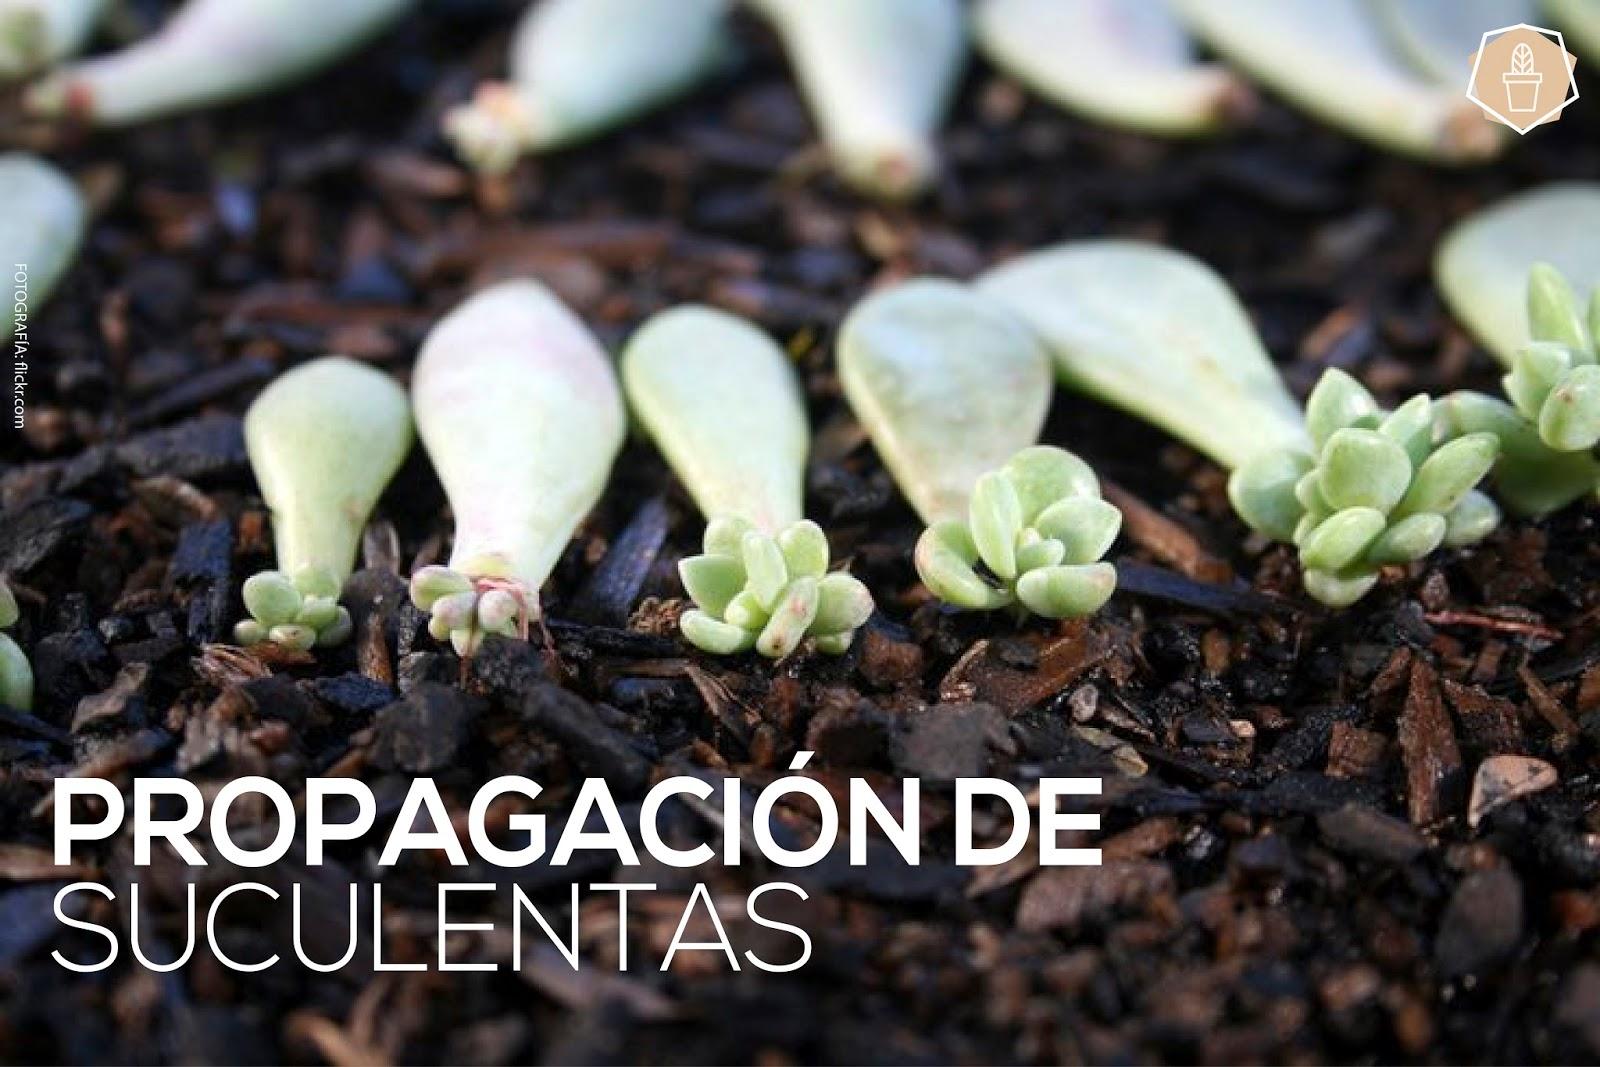 Propagaci n de suculentas saperes for Plantas suculentas colgantes